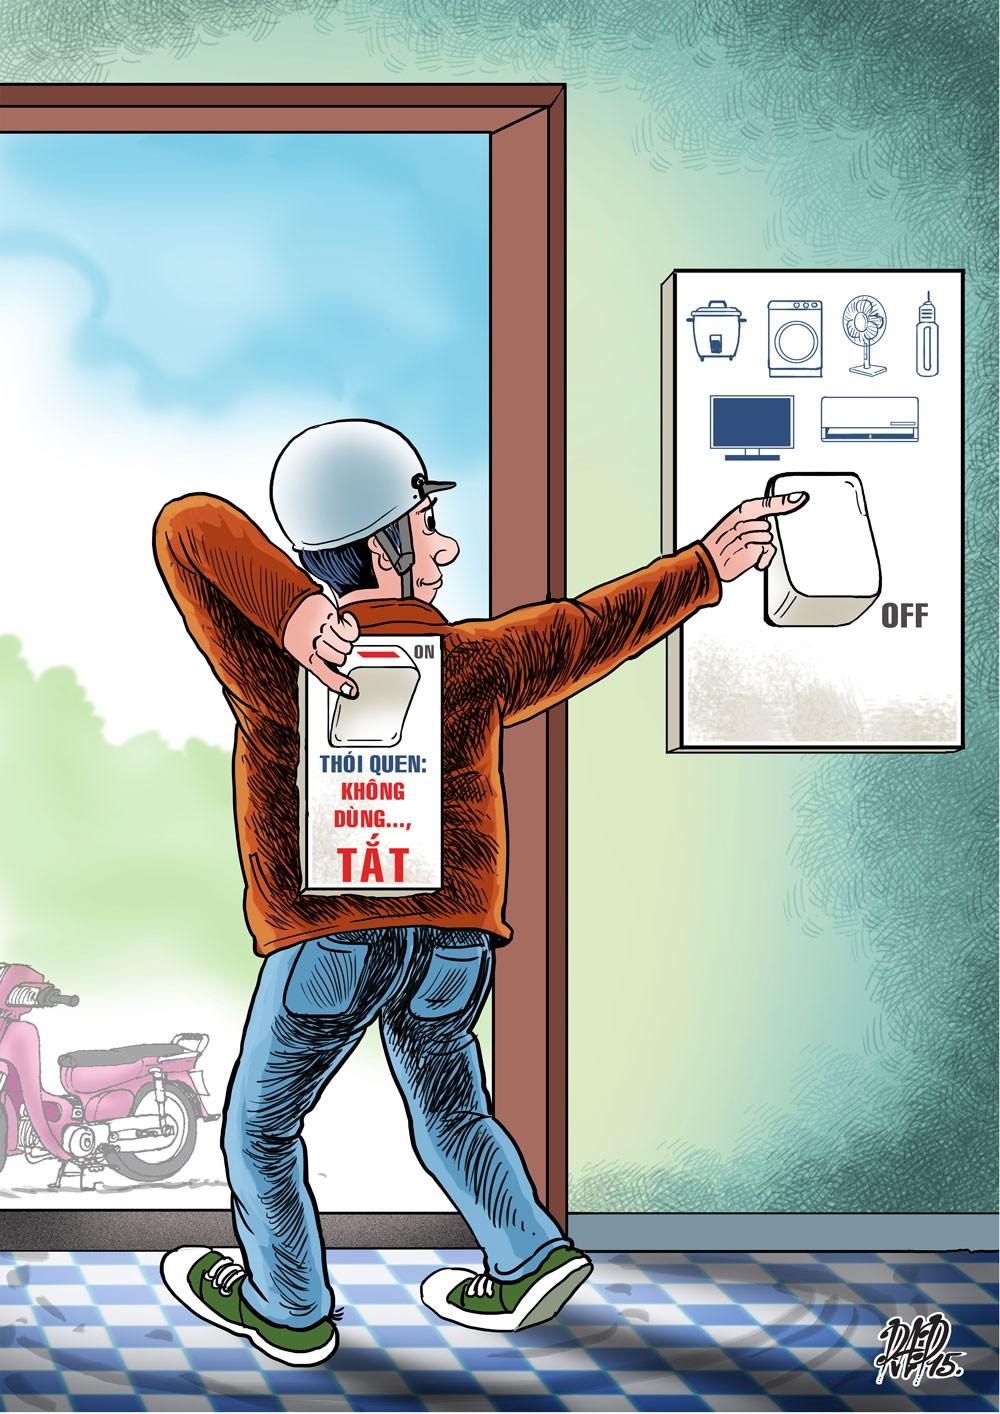 Nắng nóng diện rộng, EVN khuyến cáo triệt để tiết kiệm điện - ảnh 1